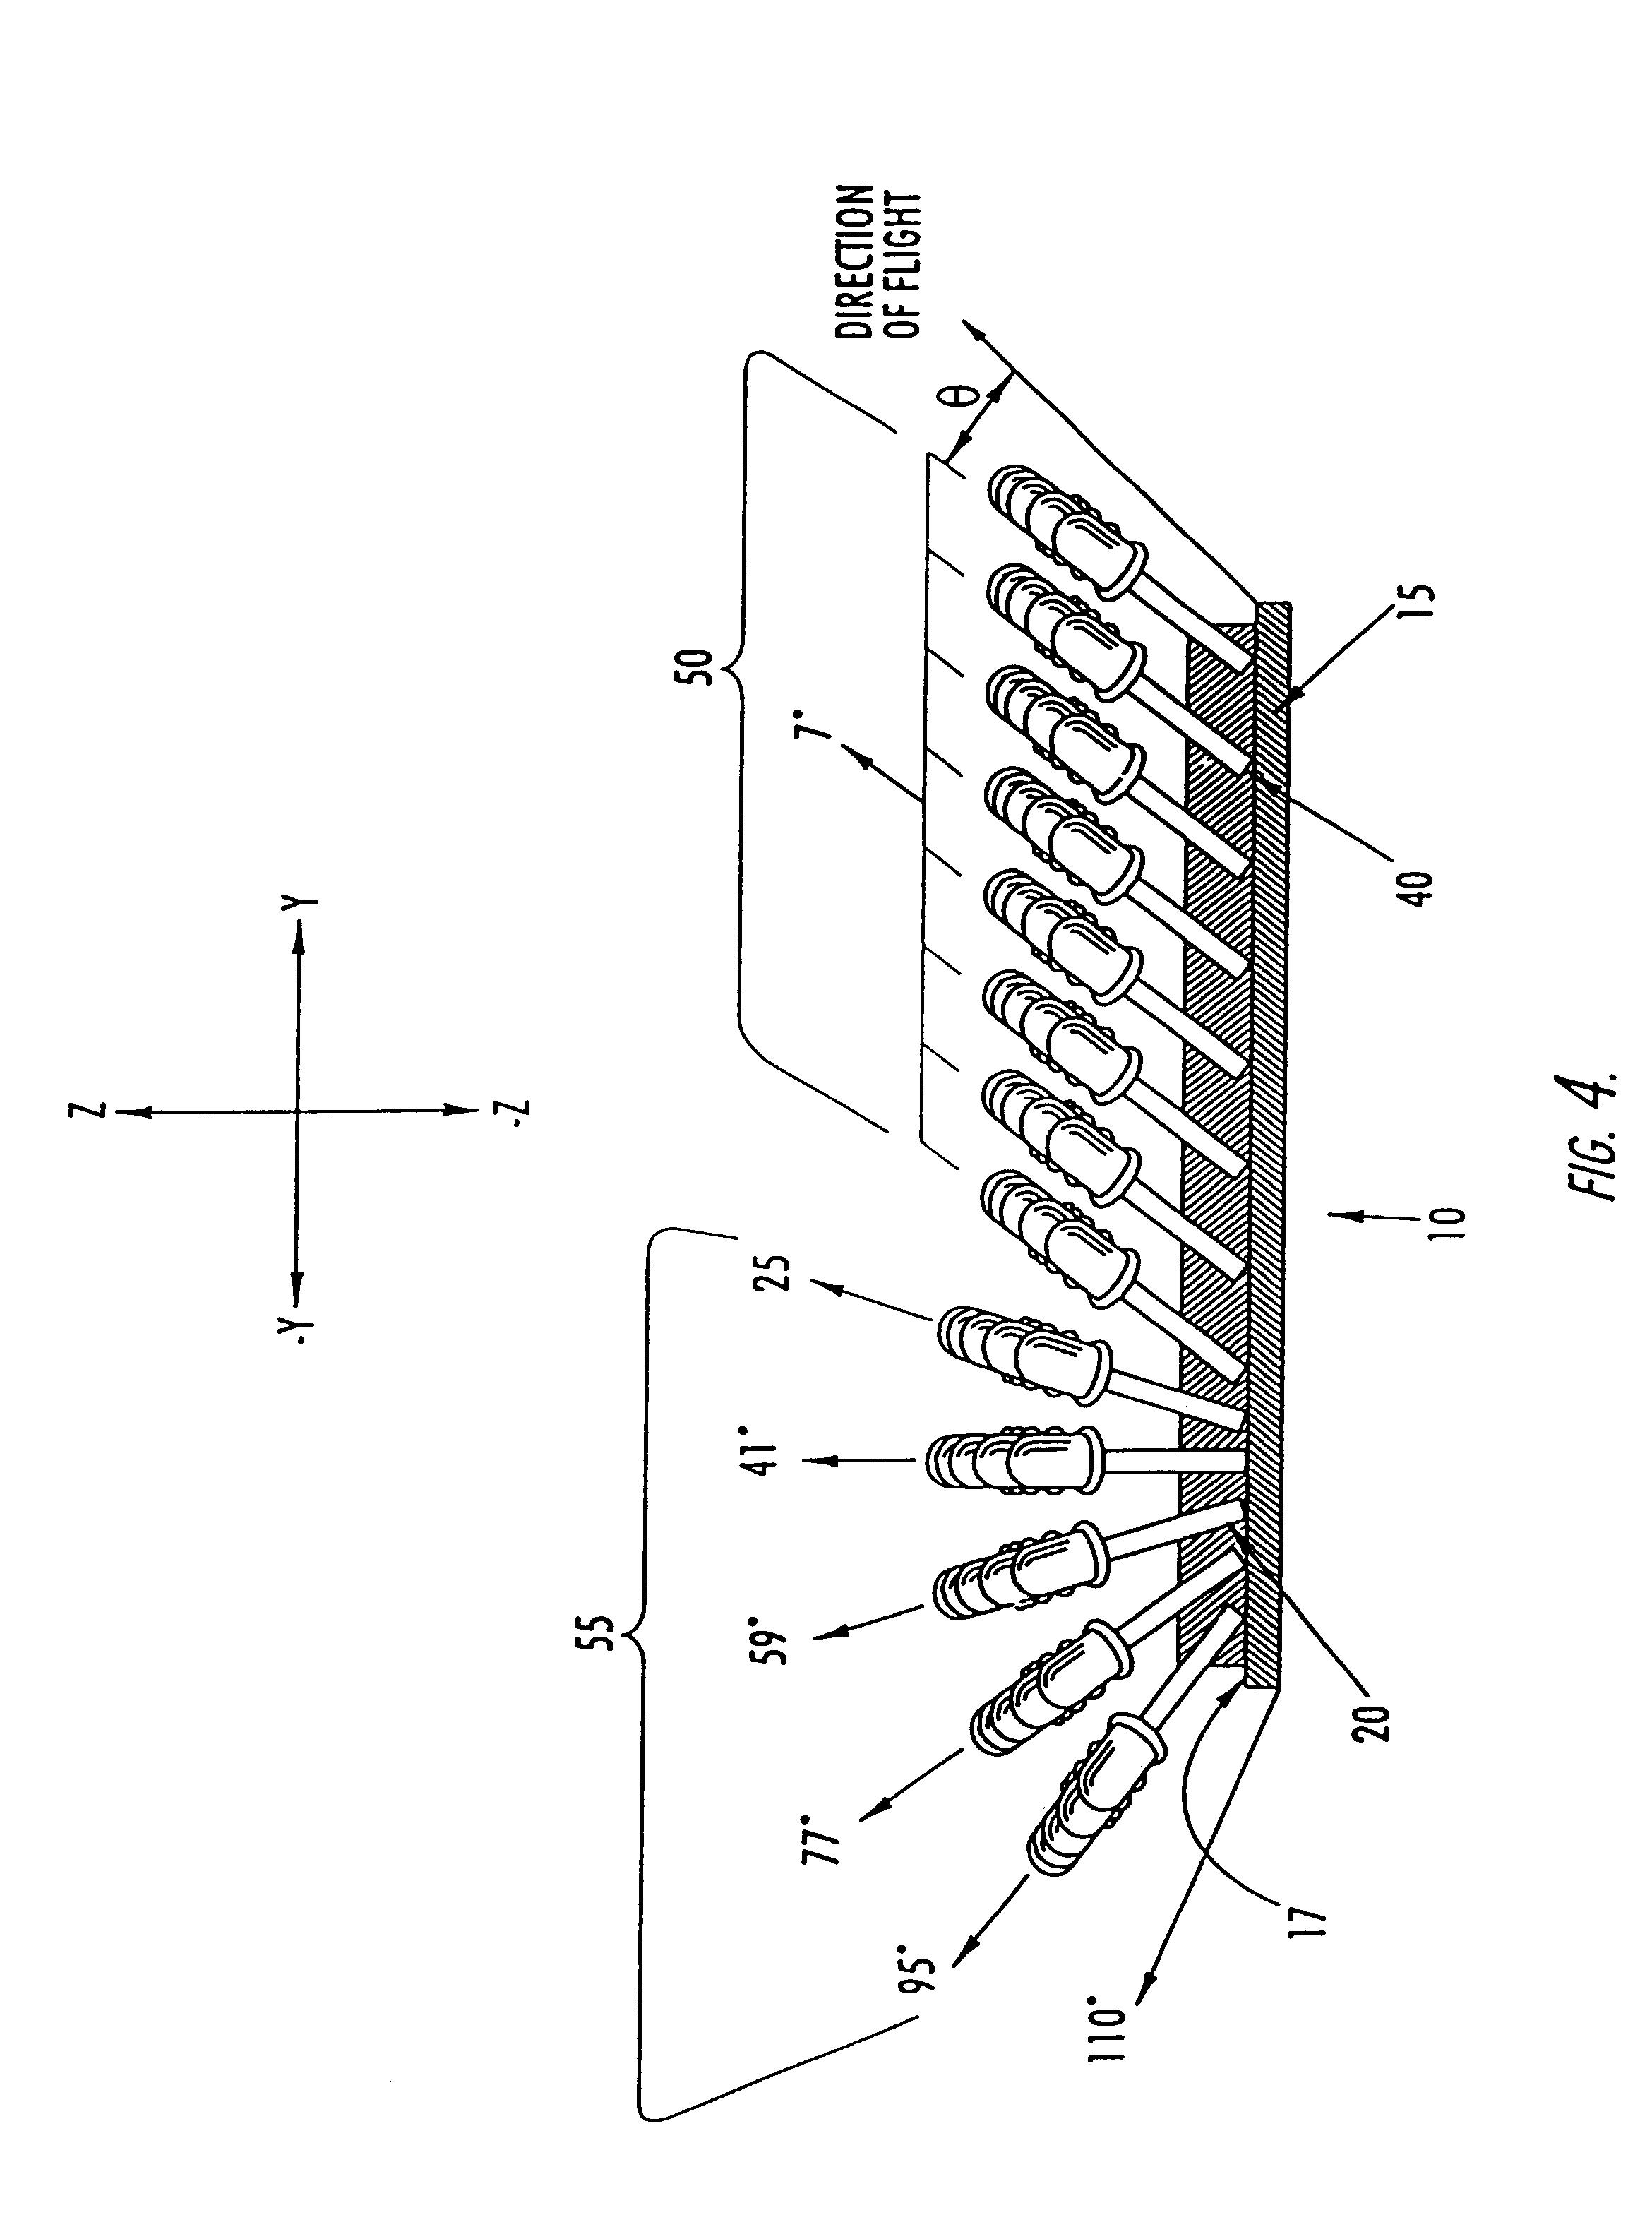 patent us6244728